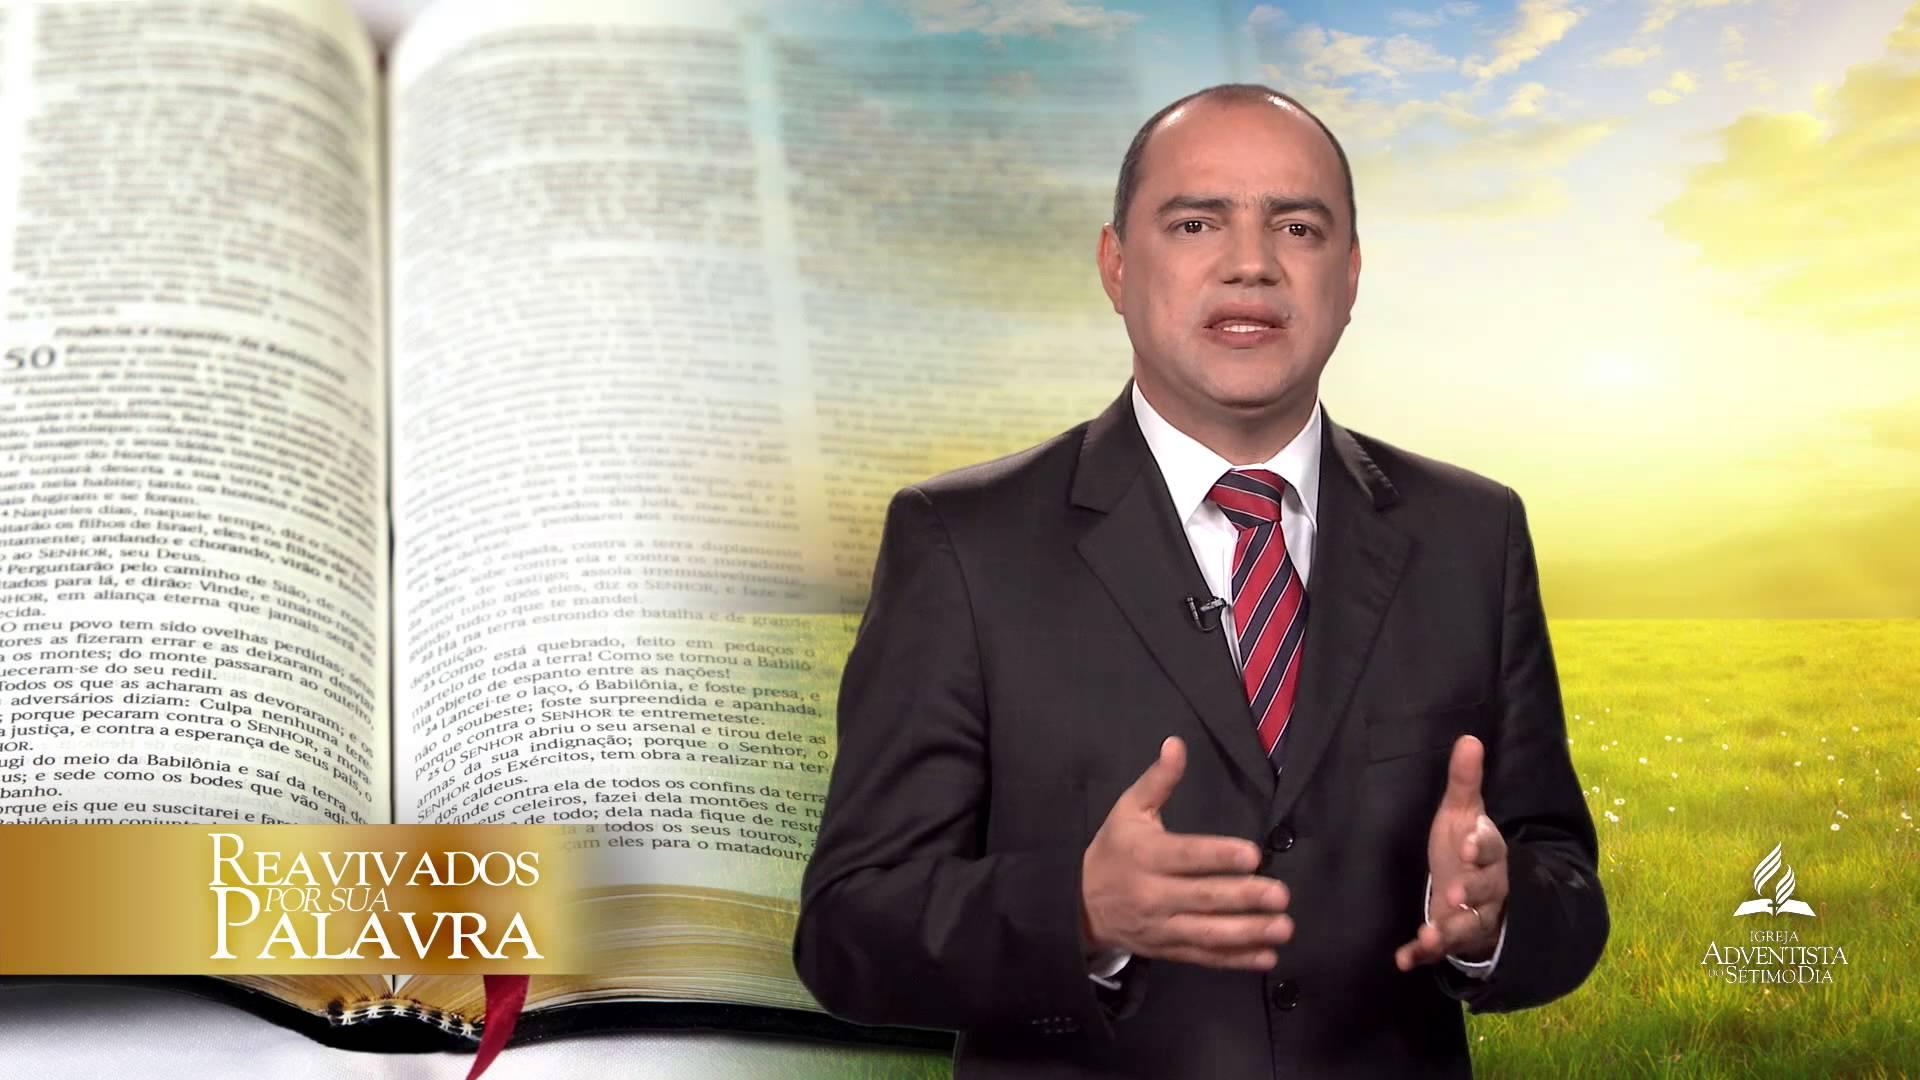 Jó – RPSP – Plano de leitura da Bíblia da Igreja Adventista